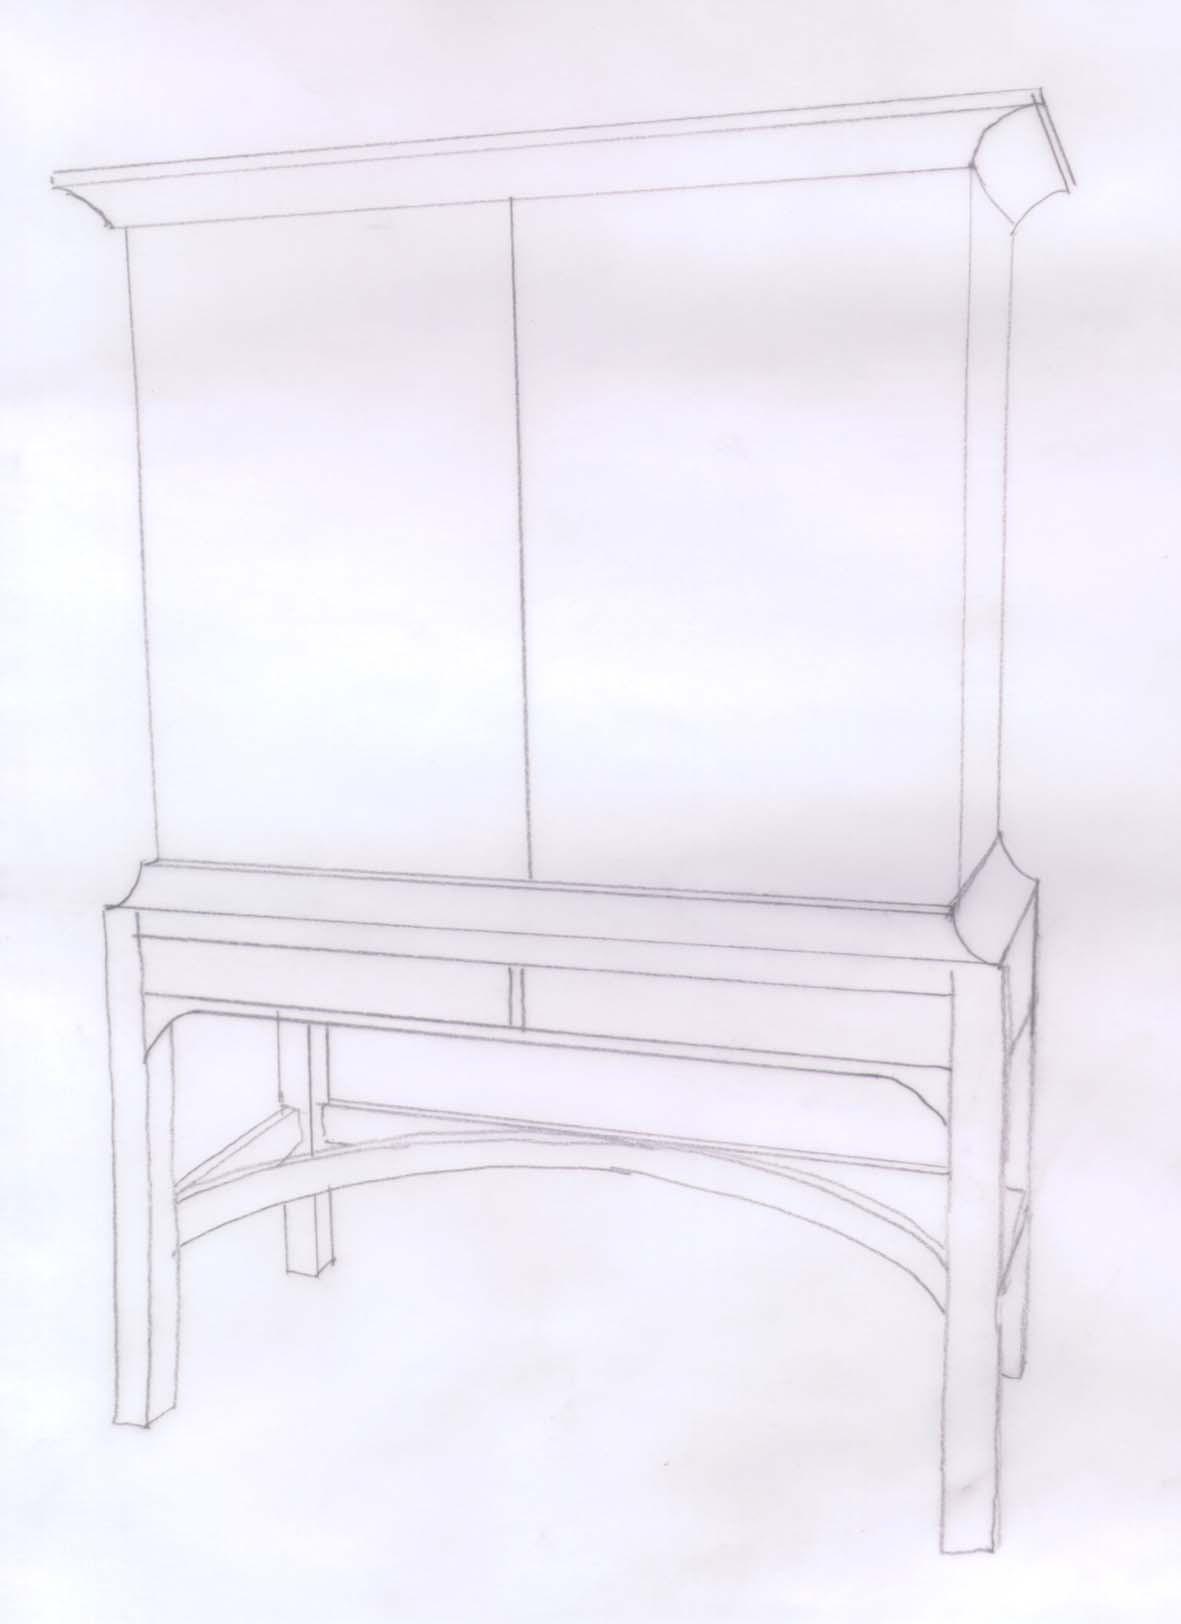 Wardcabinet1.jpg